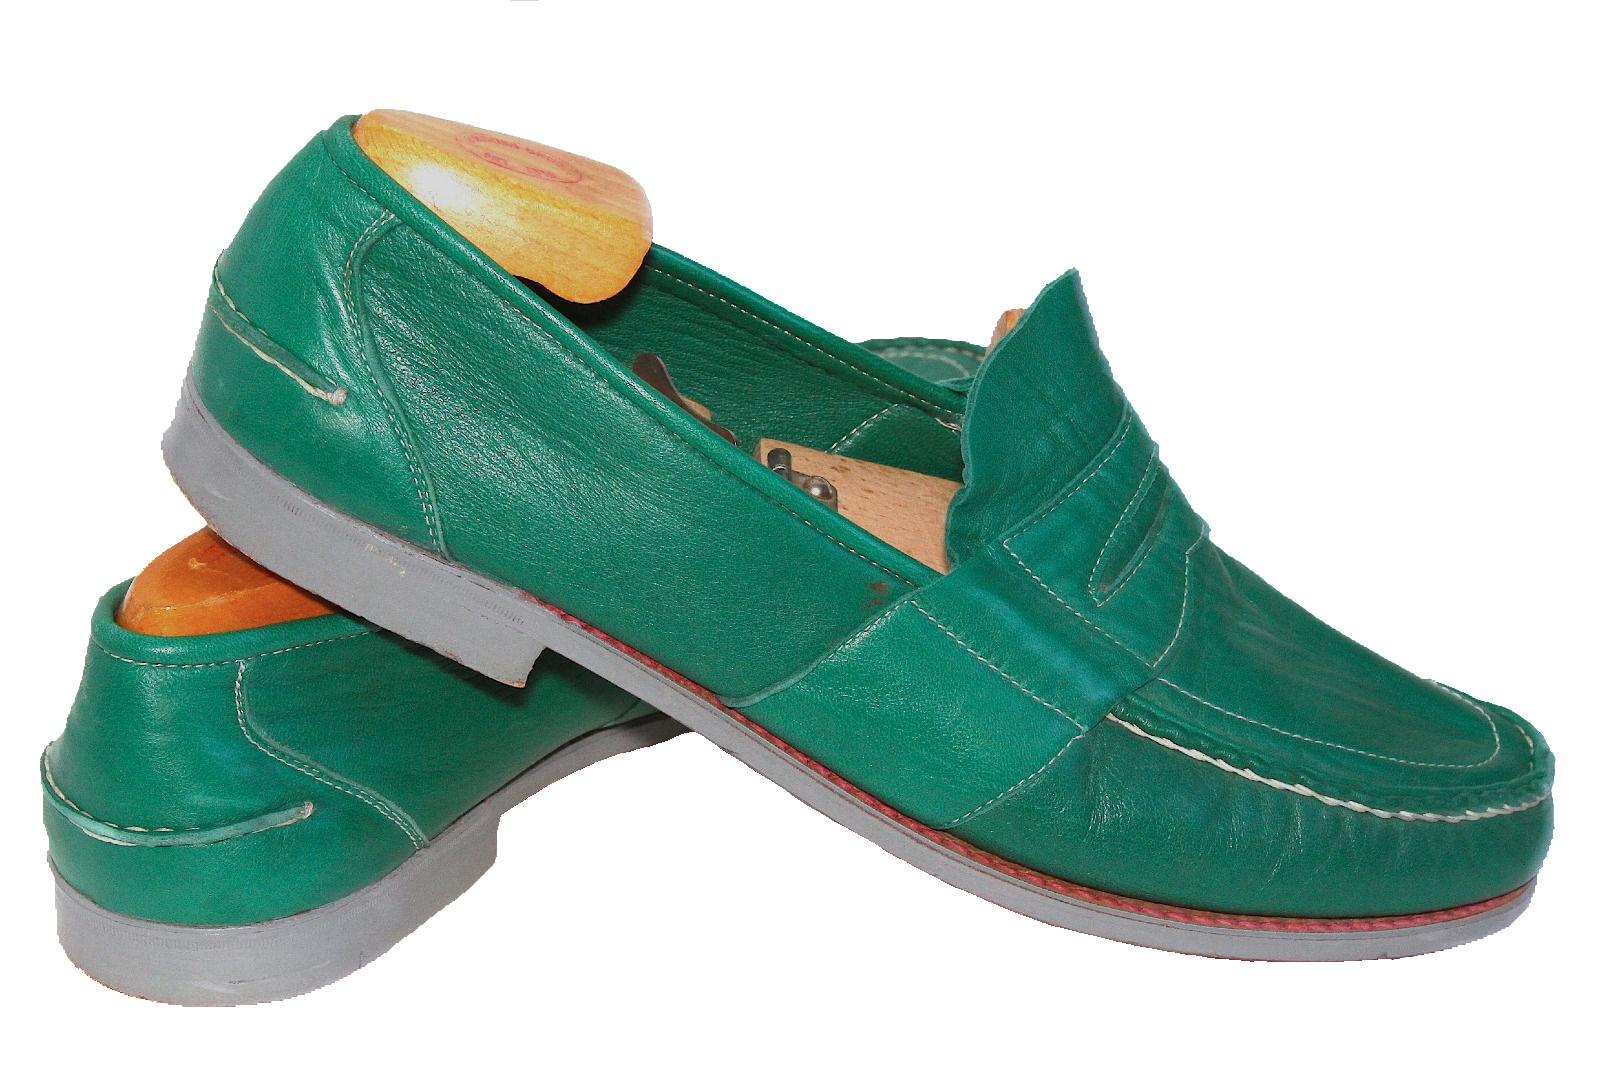 De Colección Santini e Dominici (Fausto Santini) para hombres Cuero Mocasines US 12.5 verde